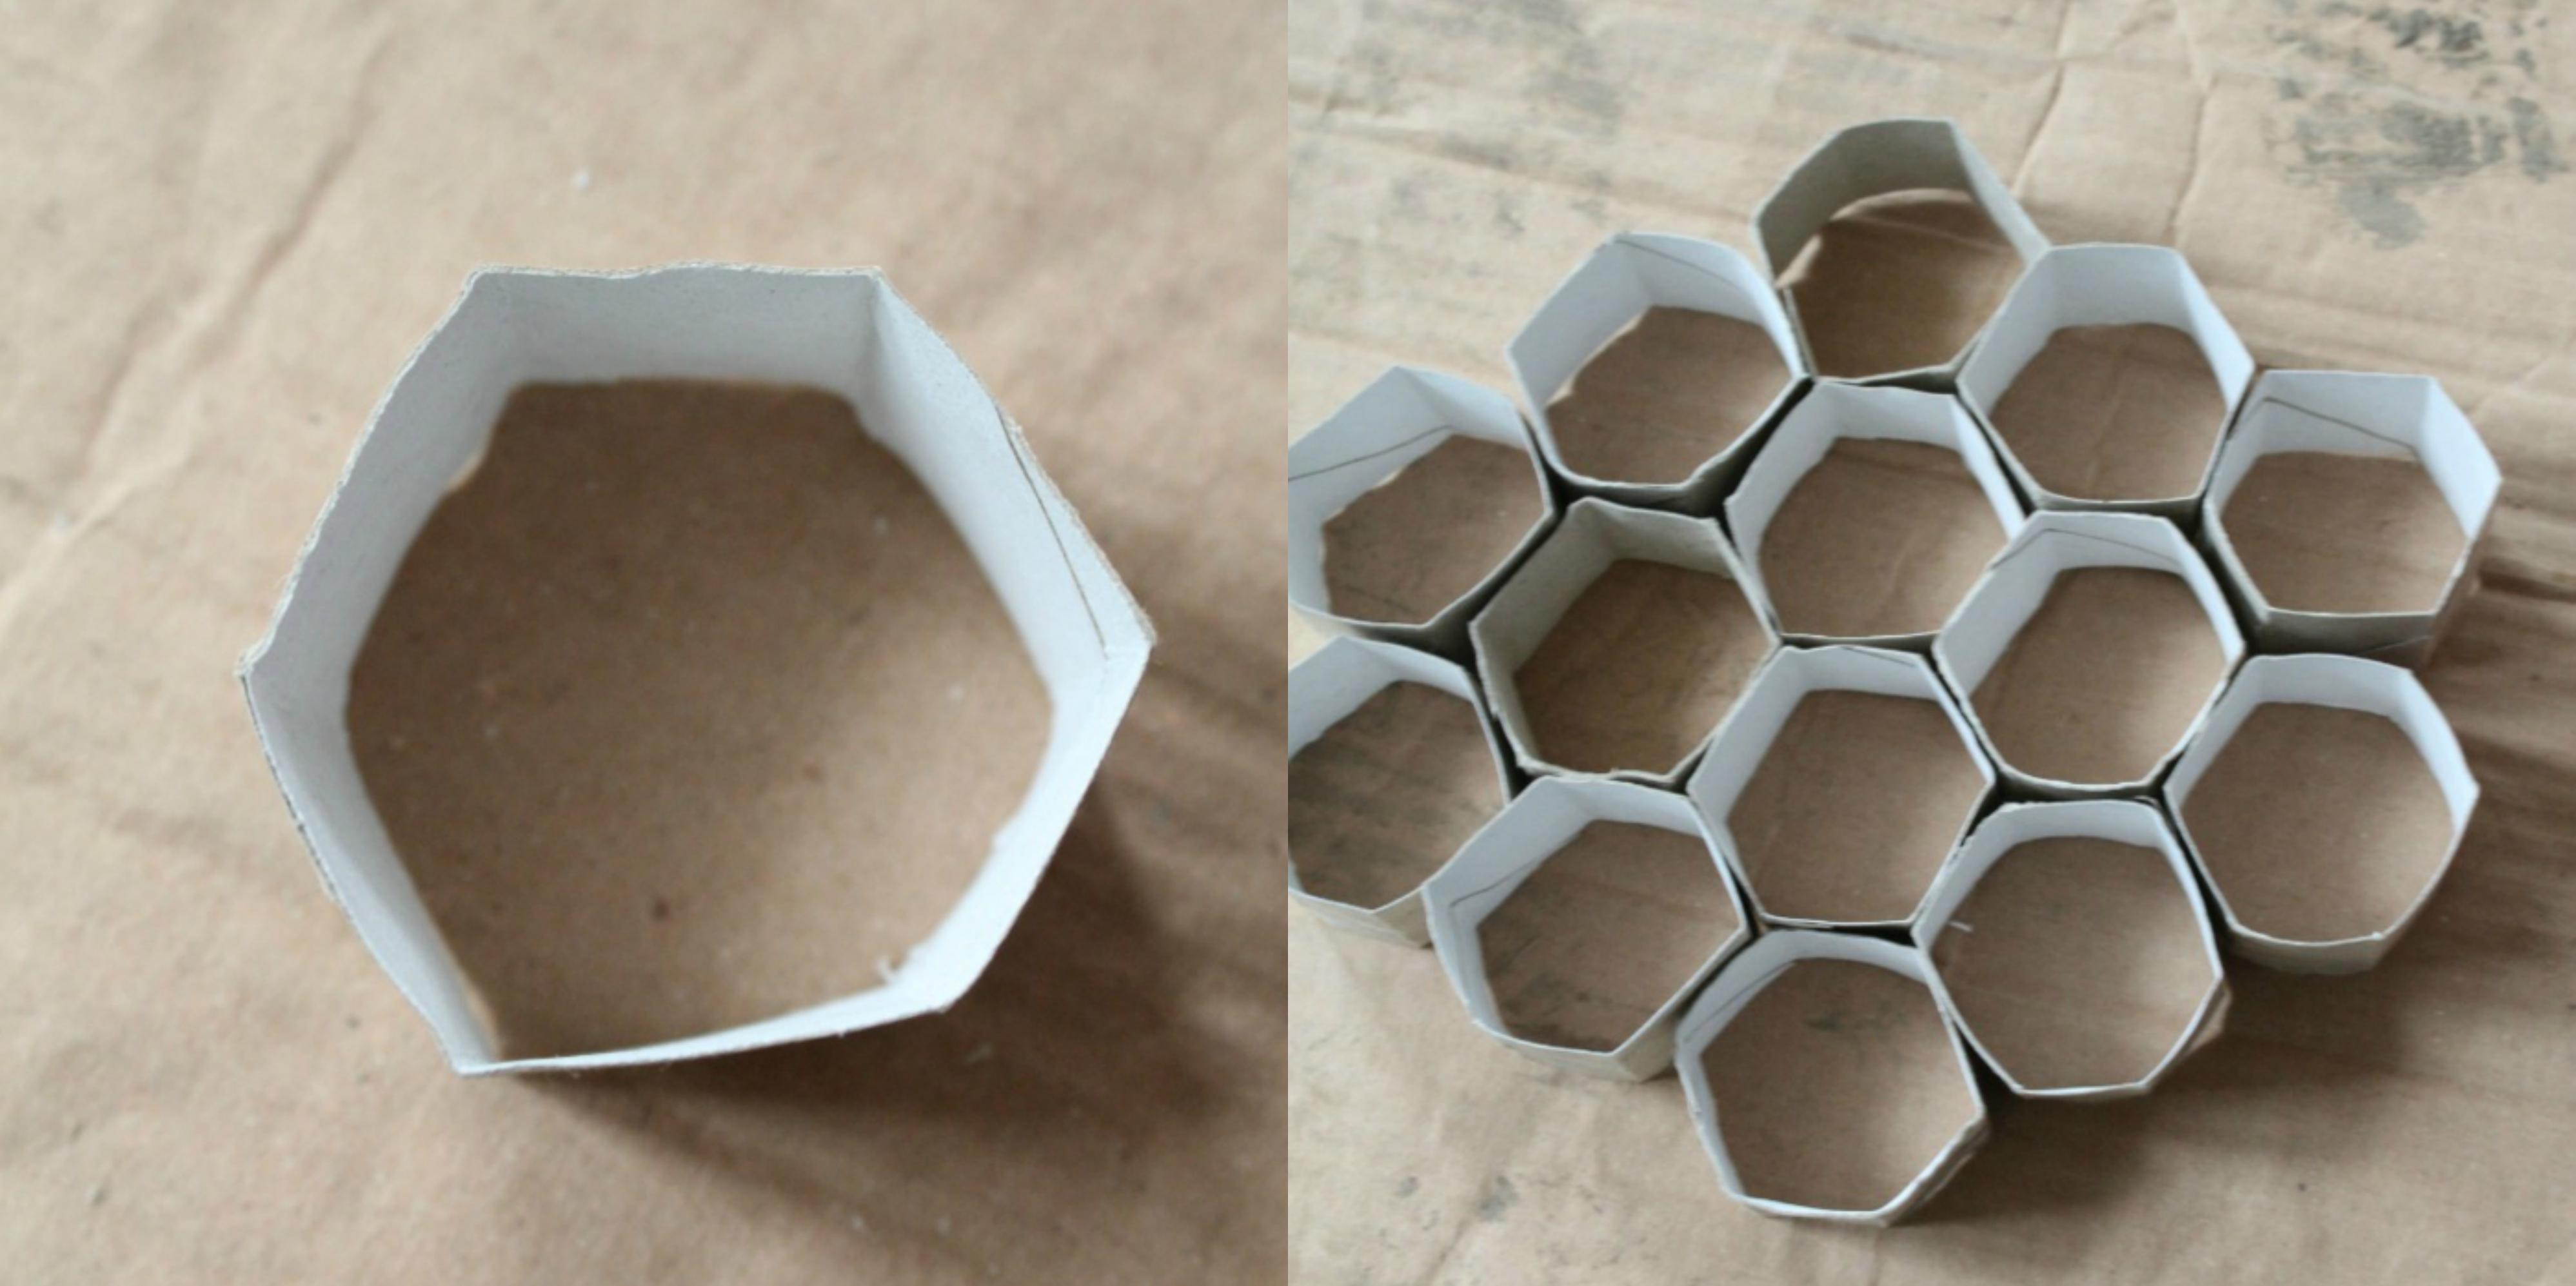 como hacer una decoración para el dormitorio infantil de tubos de carton de papel higienico, ideas manualidades con tubos de carton